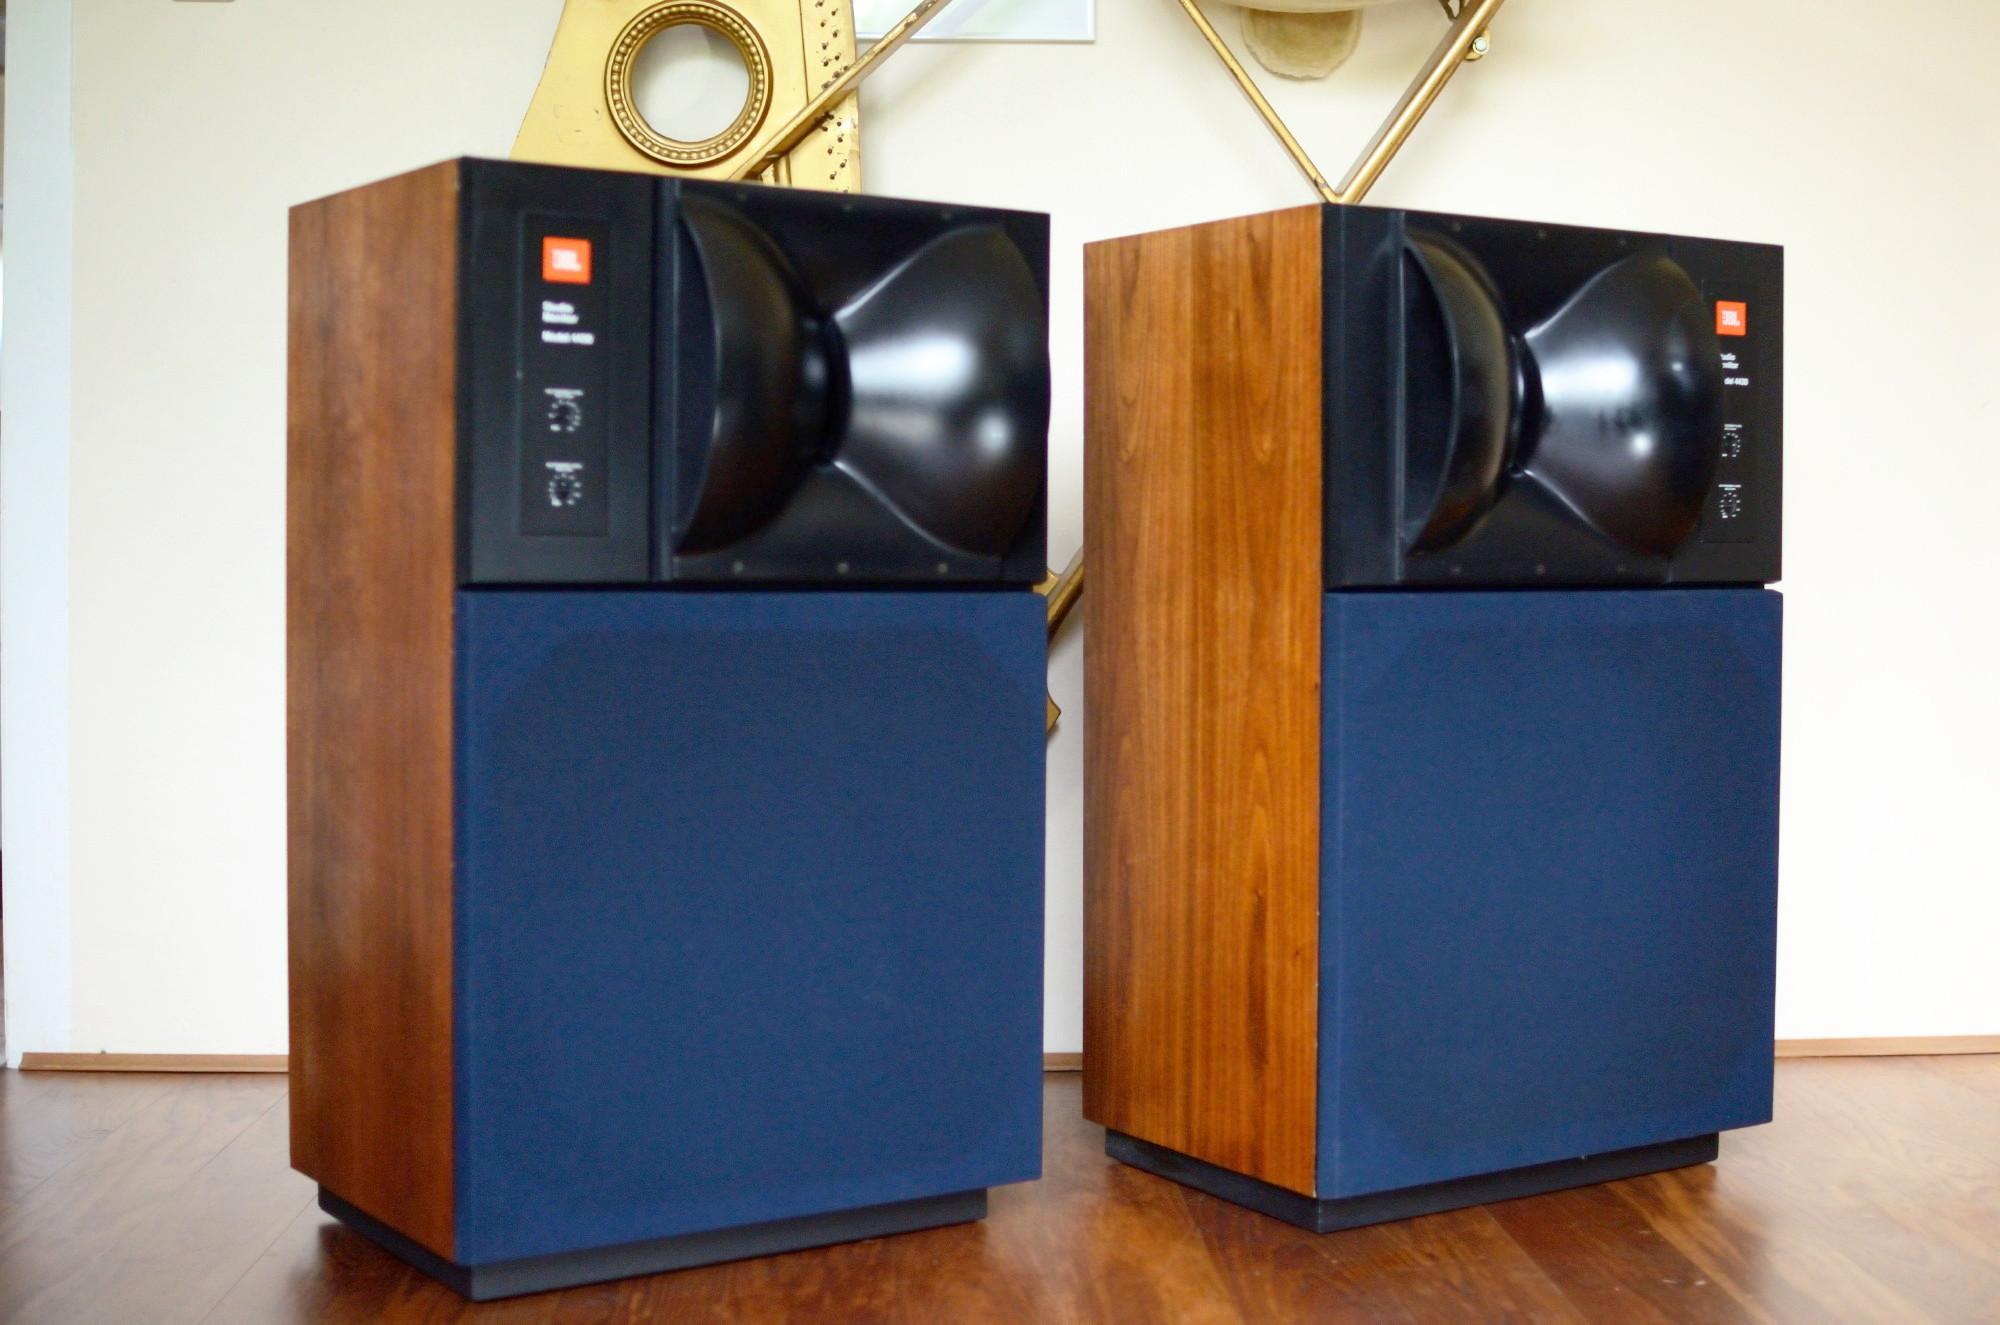 jbl 4430 studio monitor gebraucht hifi gebraucht kaufen. Black Bedroom Furniture Sets. Home Design Ideas